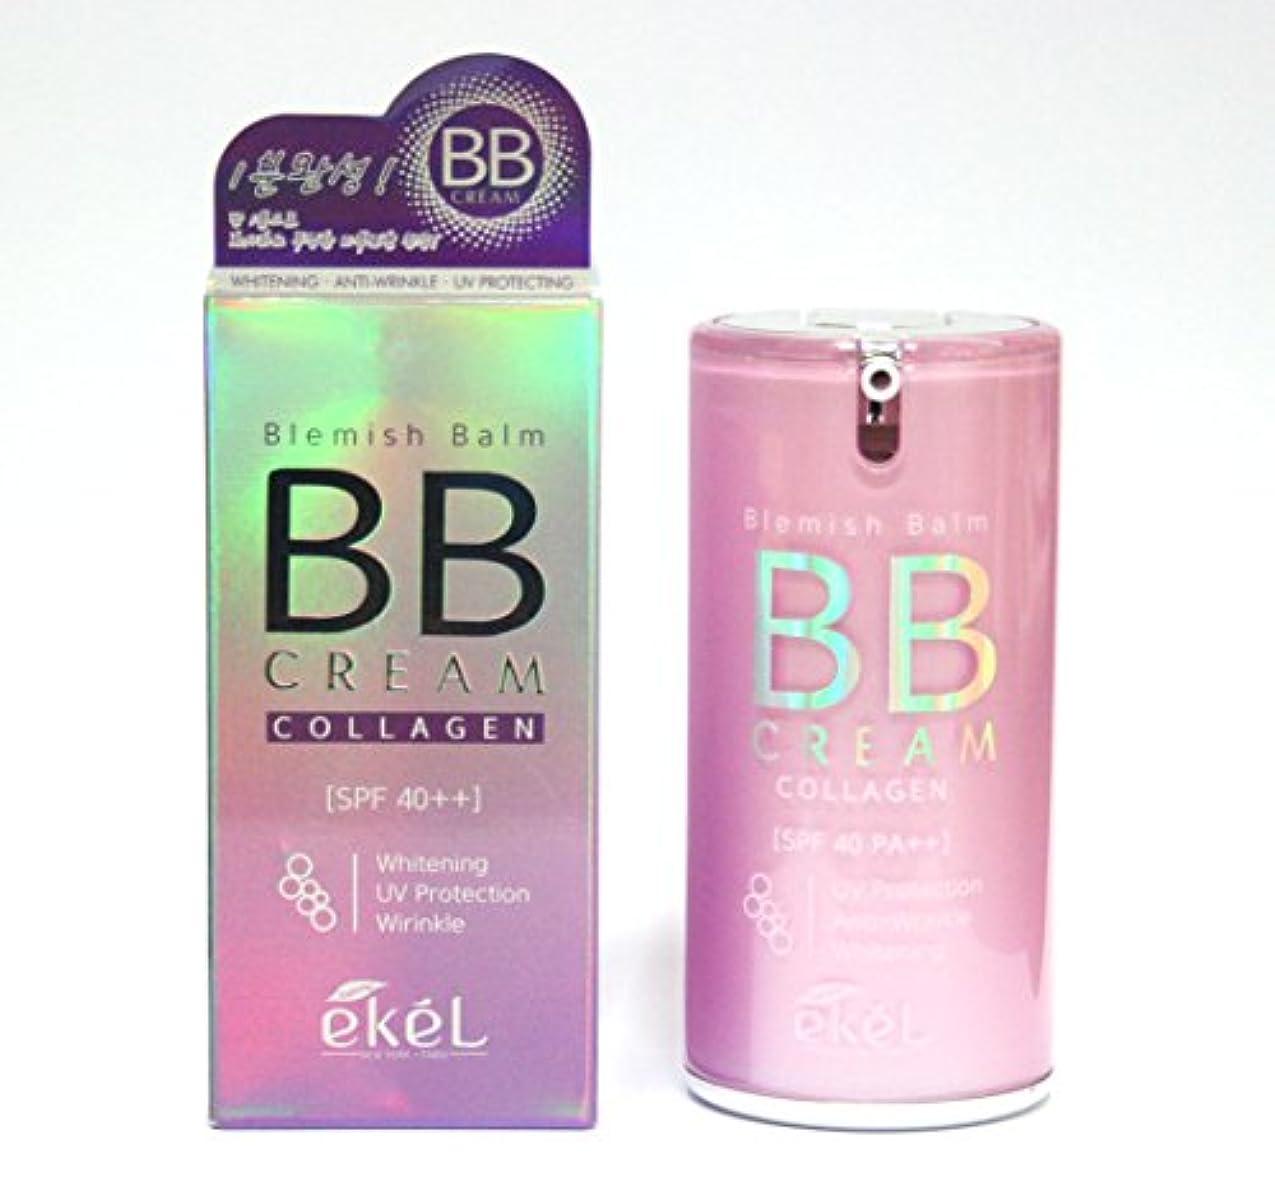 アーサーコナンドイル劣る代わりに[EKEL] ブレミッシュバームコラーゲンBBクリーム50g / Blemish Balm Collagen BB Cream 50g /ホワイトニング、UV保護、しわ / whitening, uv protection...